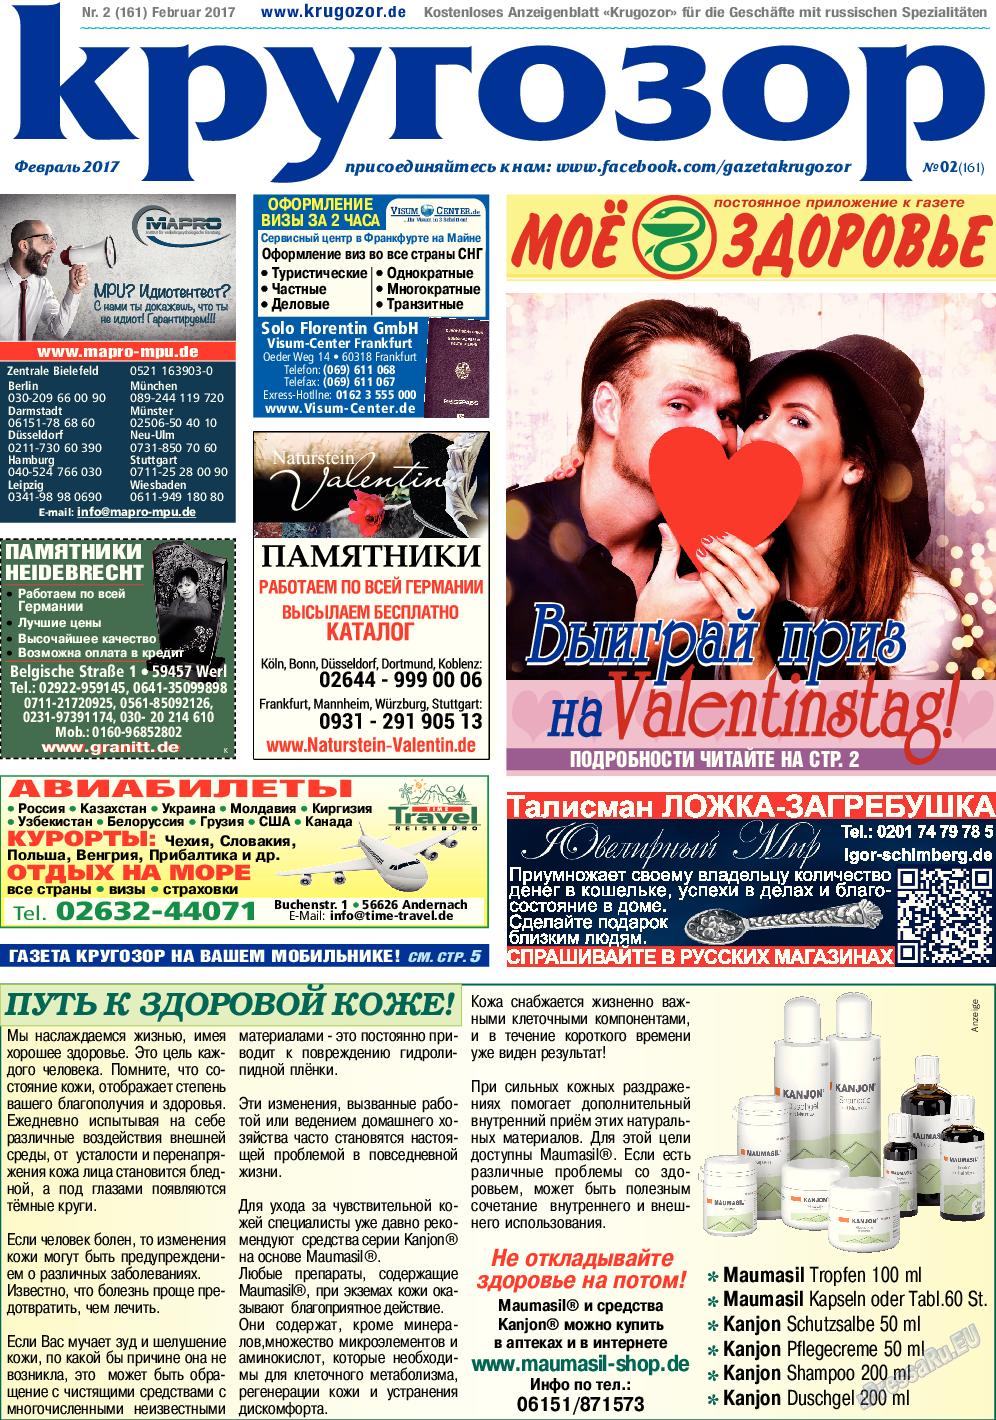 Кругозор (газета). 2017 год, номер 2, стр. 1